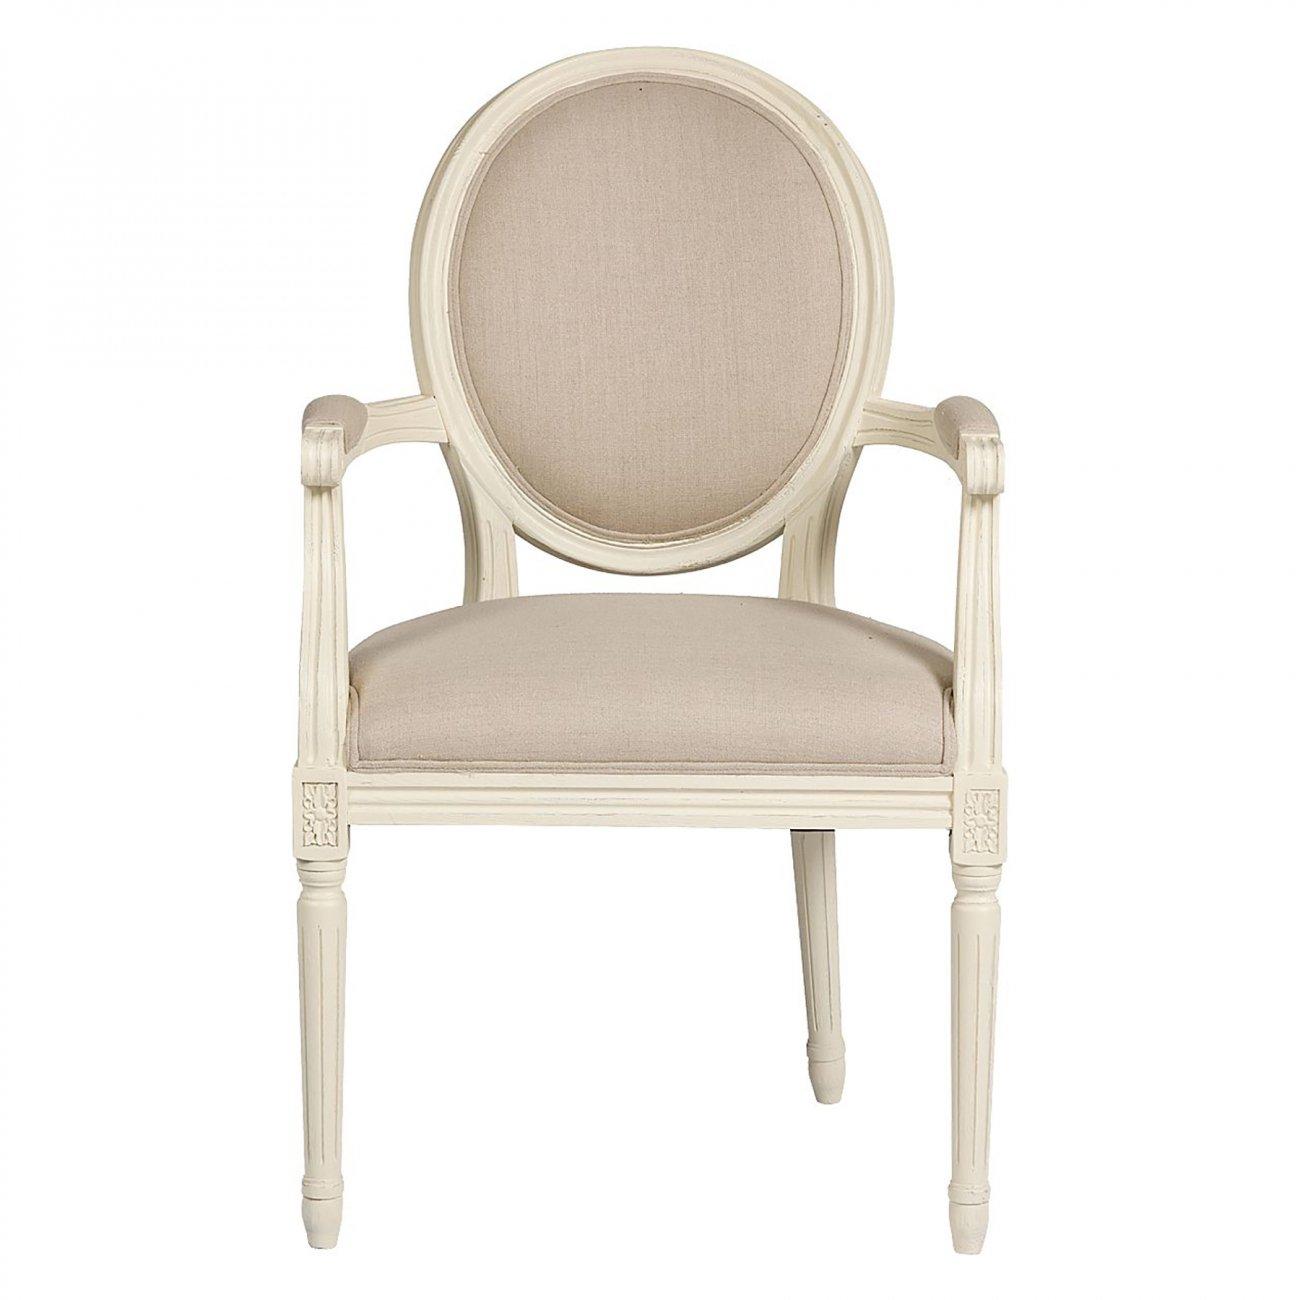 Купить Кресло Vintage French Round Кремовый Лен в интернет магазине дизайнерской мебели и аксессуаров для дома и дачи